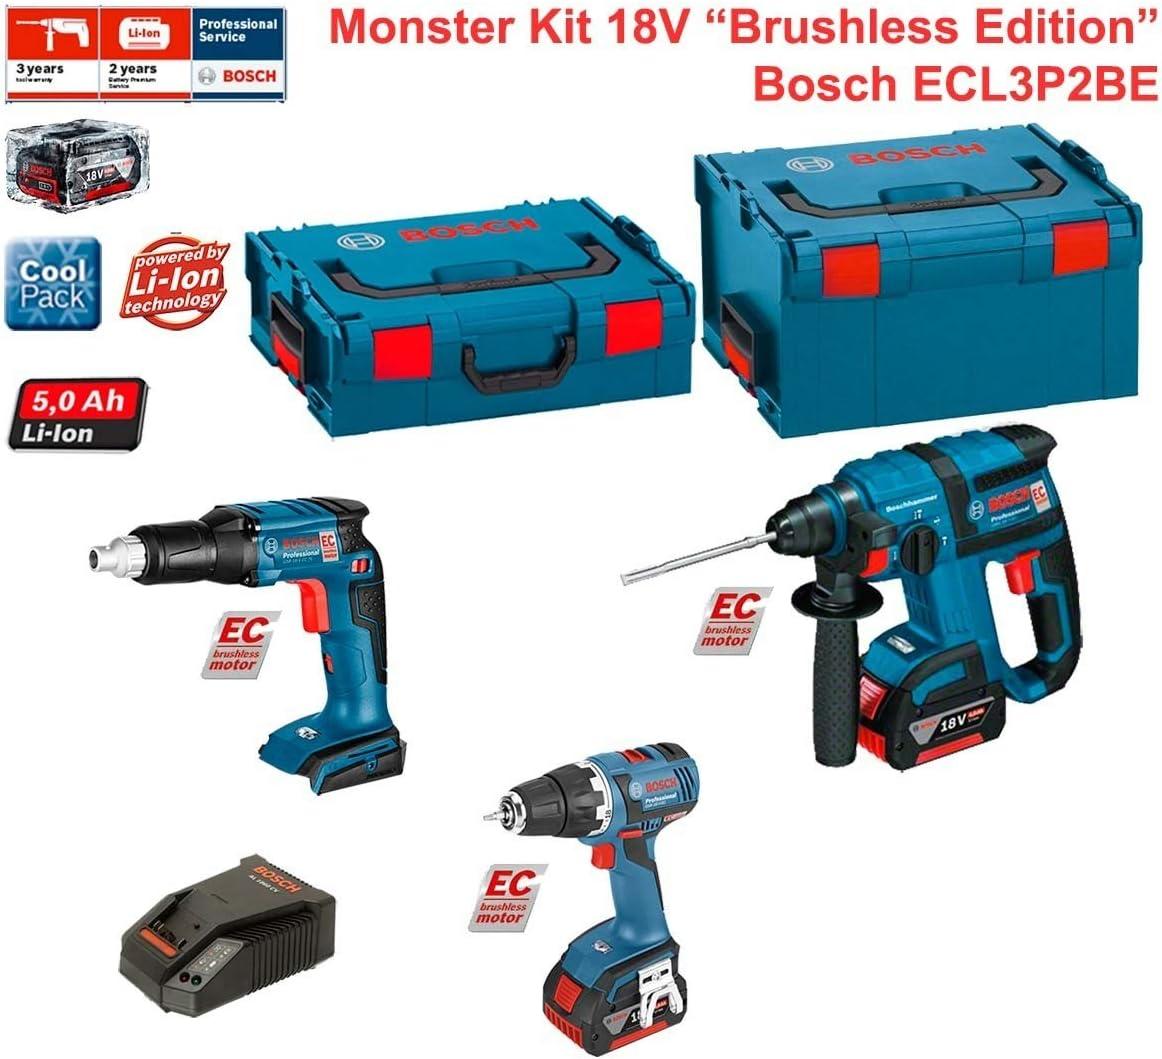 Kit Bosch ecl3p2be (GSR 18V-EC TE + GBH 18V-EC + GSR 18V-EC + Cargador AL1860CV + 2Baterías 5,0Ah + maletín L-Boxx 136+ maletín L-Boxx 238): Amazon.es: Bricolaje y herramientas